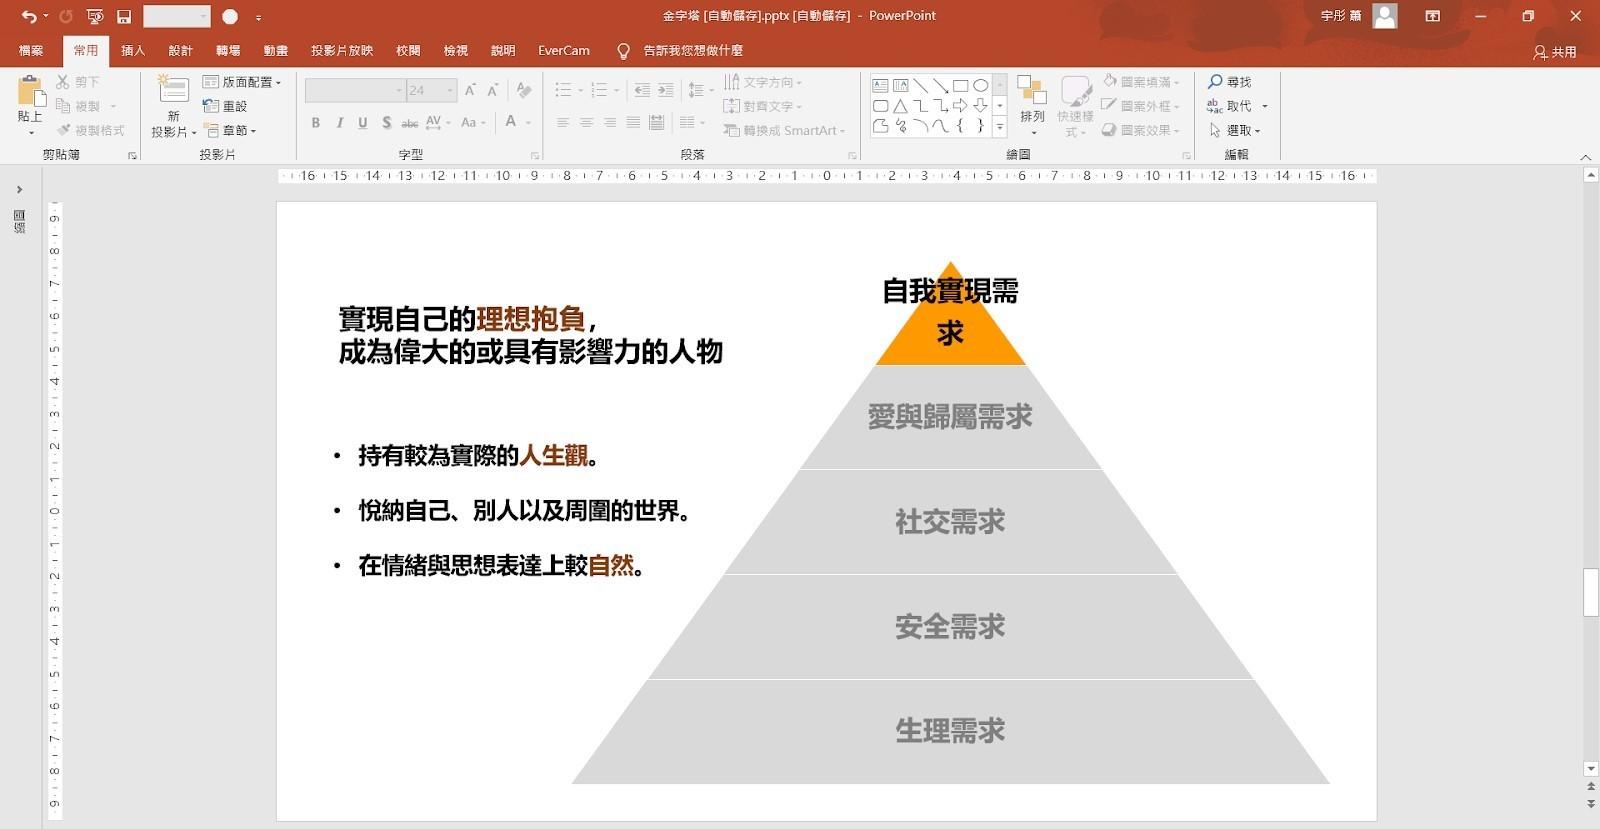 簡報升級術》落落長資訊也能視覺化呈現!學會內建「金字塔圖」邏輯化報告內容